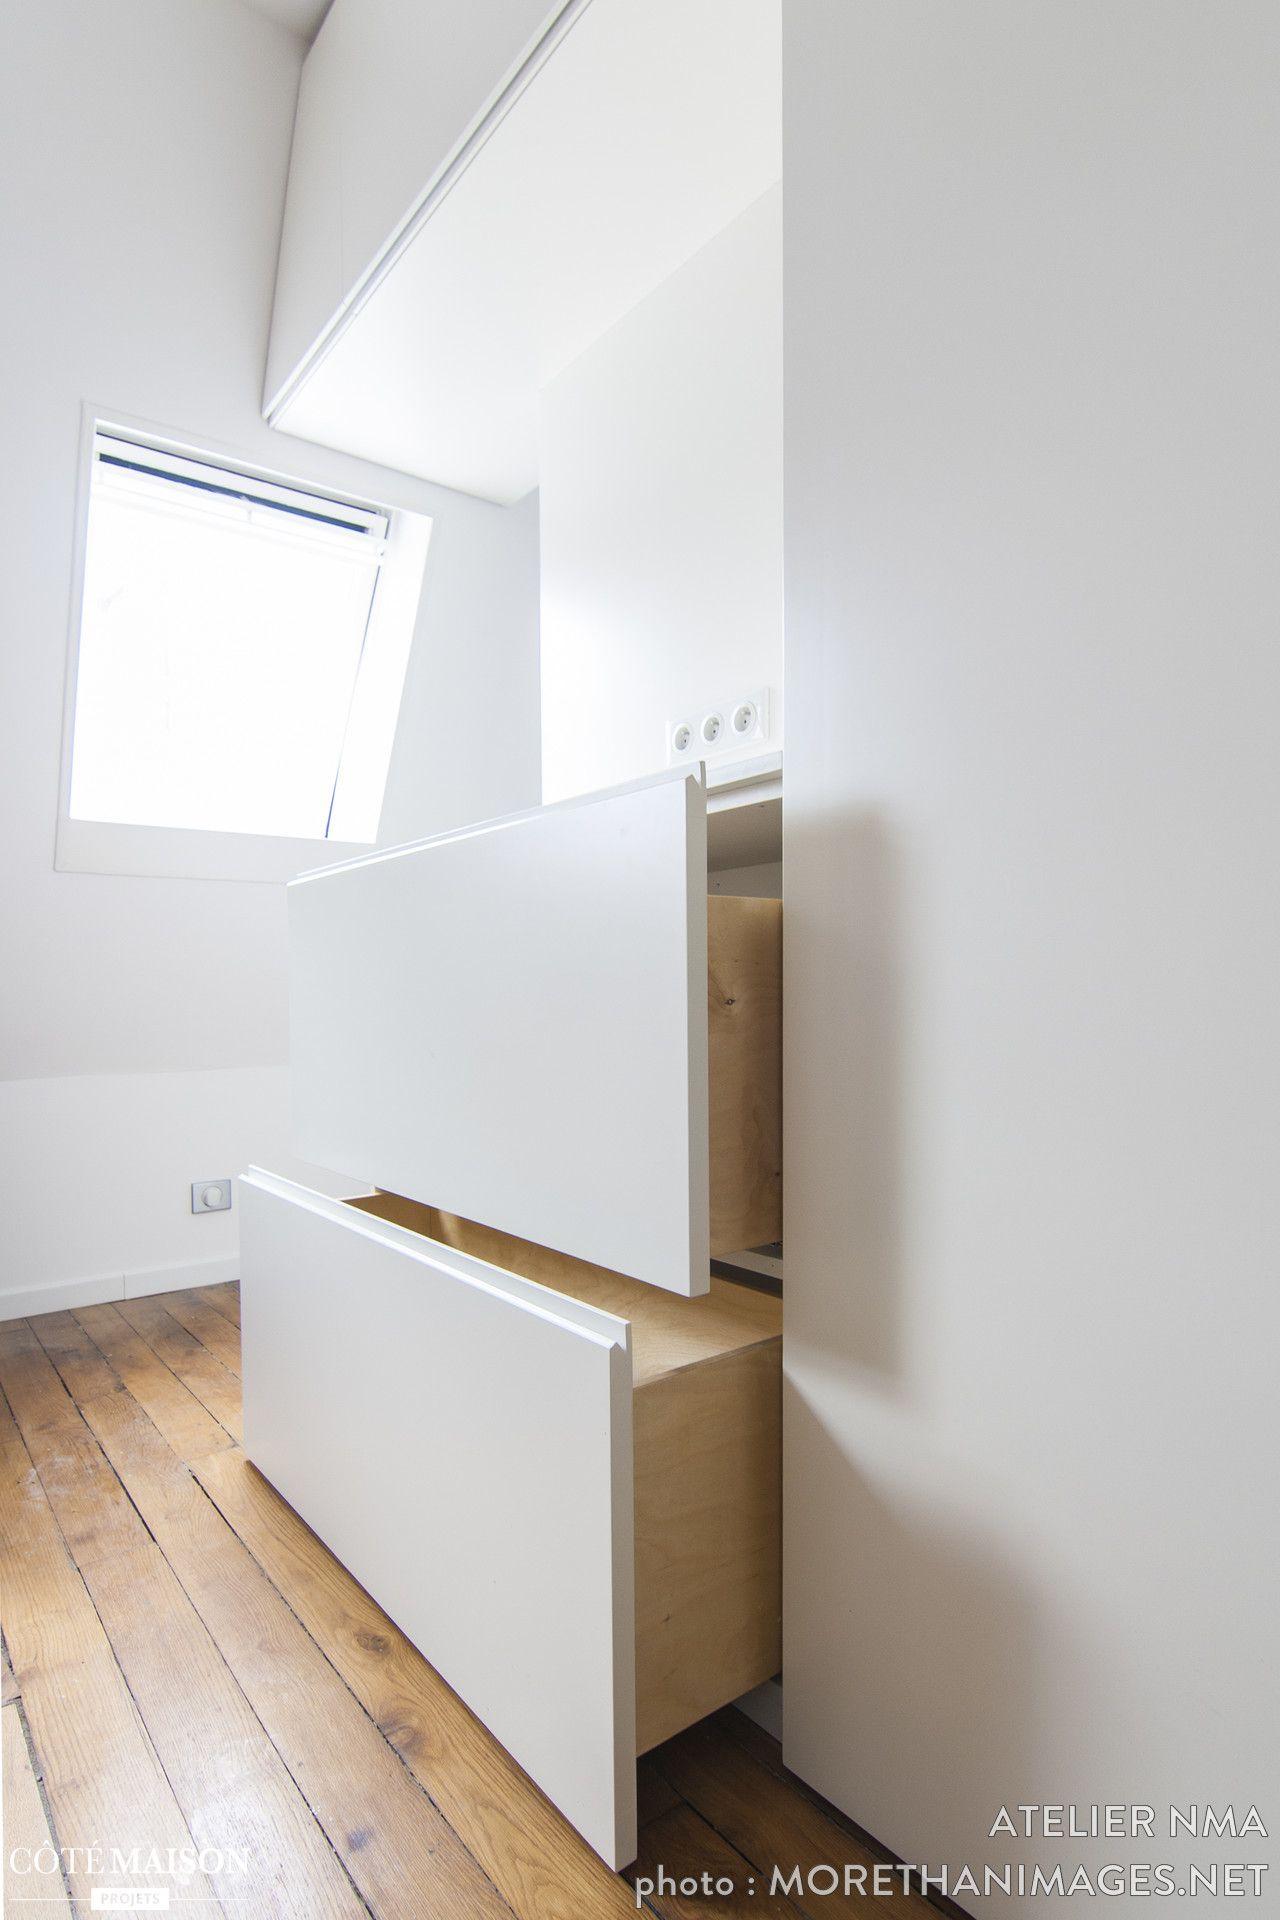 Cette Ancienne Chambre De Bonne Parisienne Avait été Reliée Au R+5 Et  Transformée En Duplex. La Cliente Souhaitait Revenir à La Configuration  Initiale Afin ...